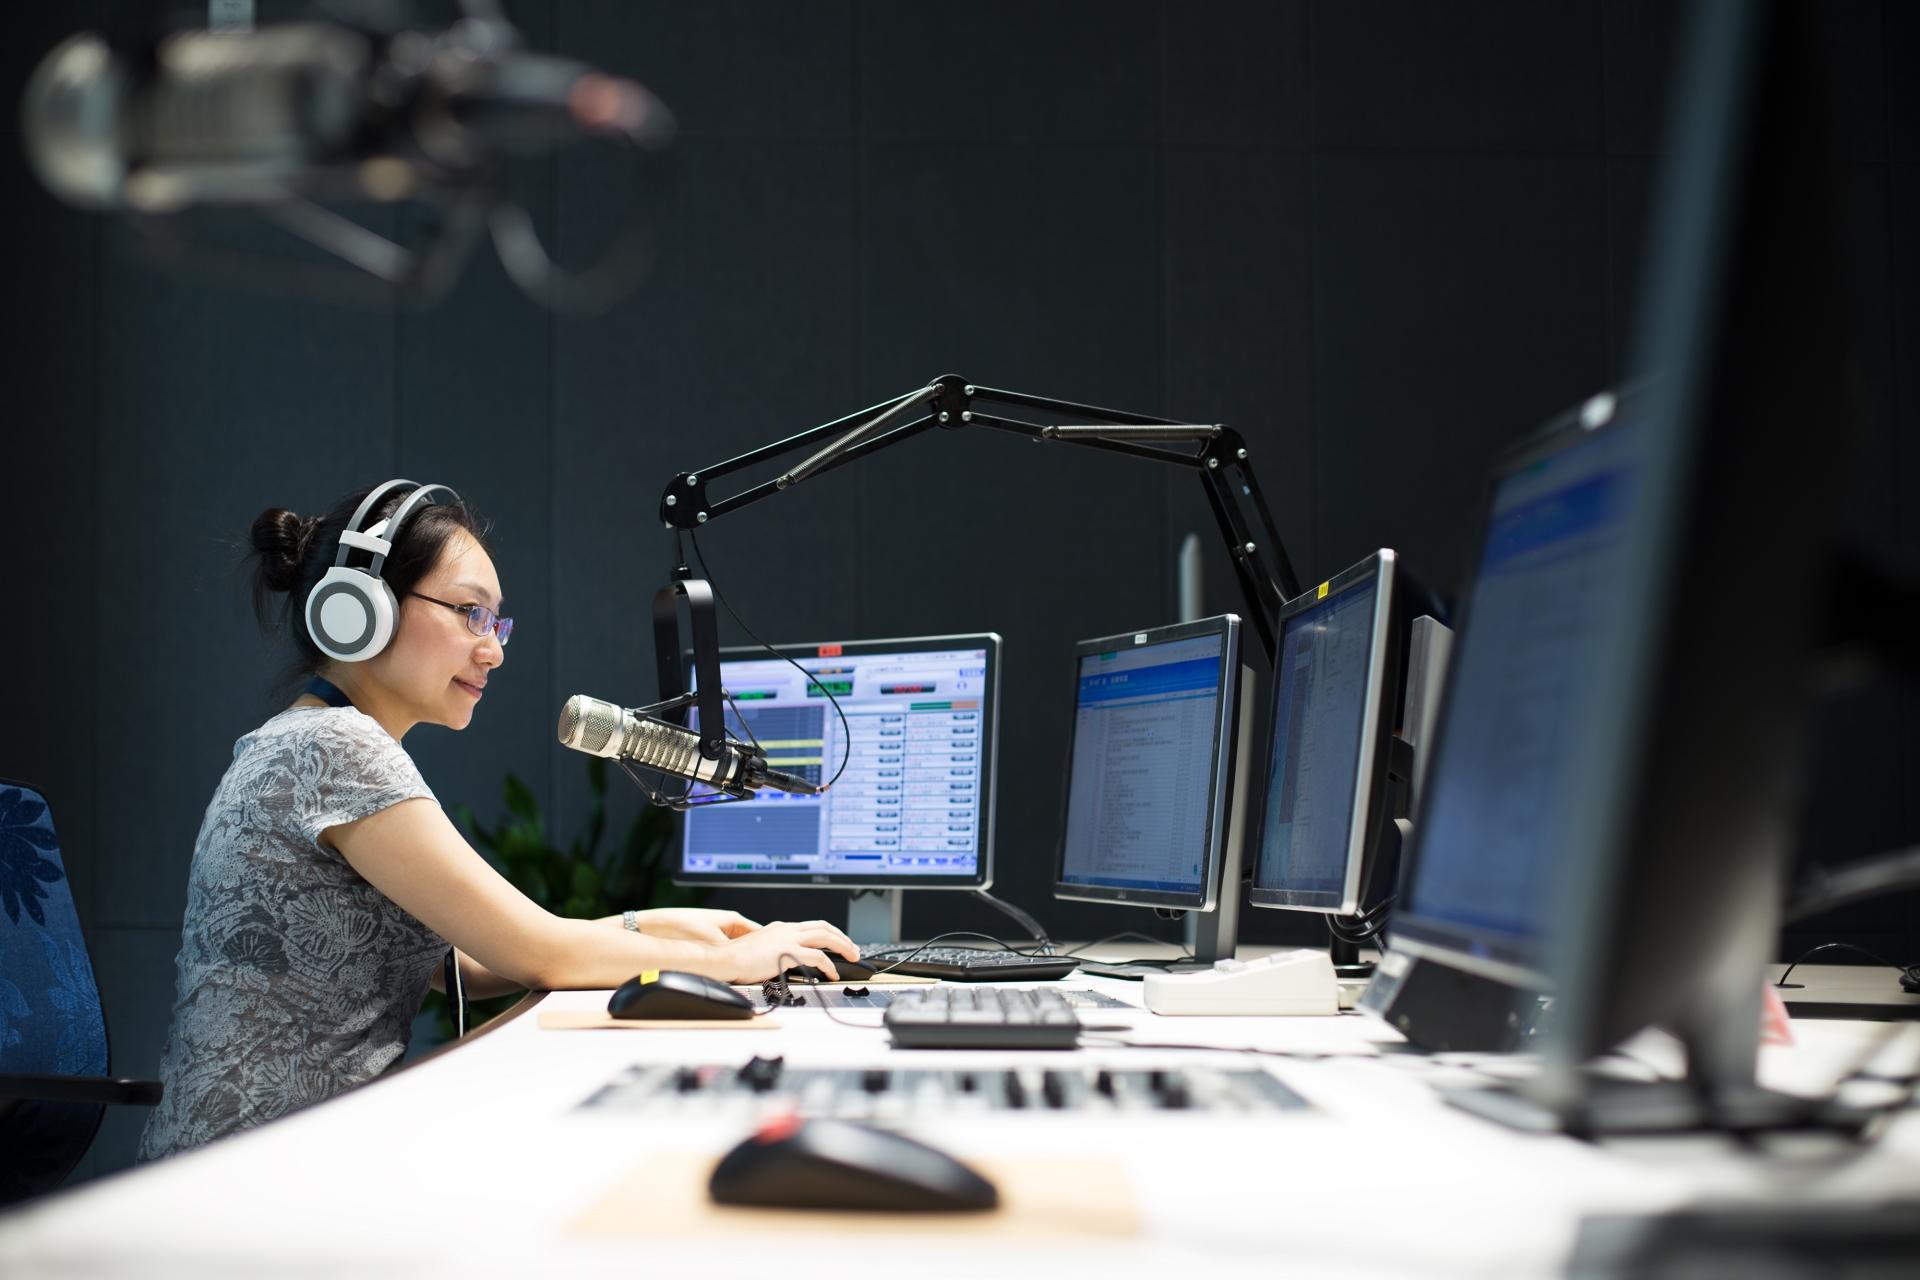 Radio DJ doing a broadcast